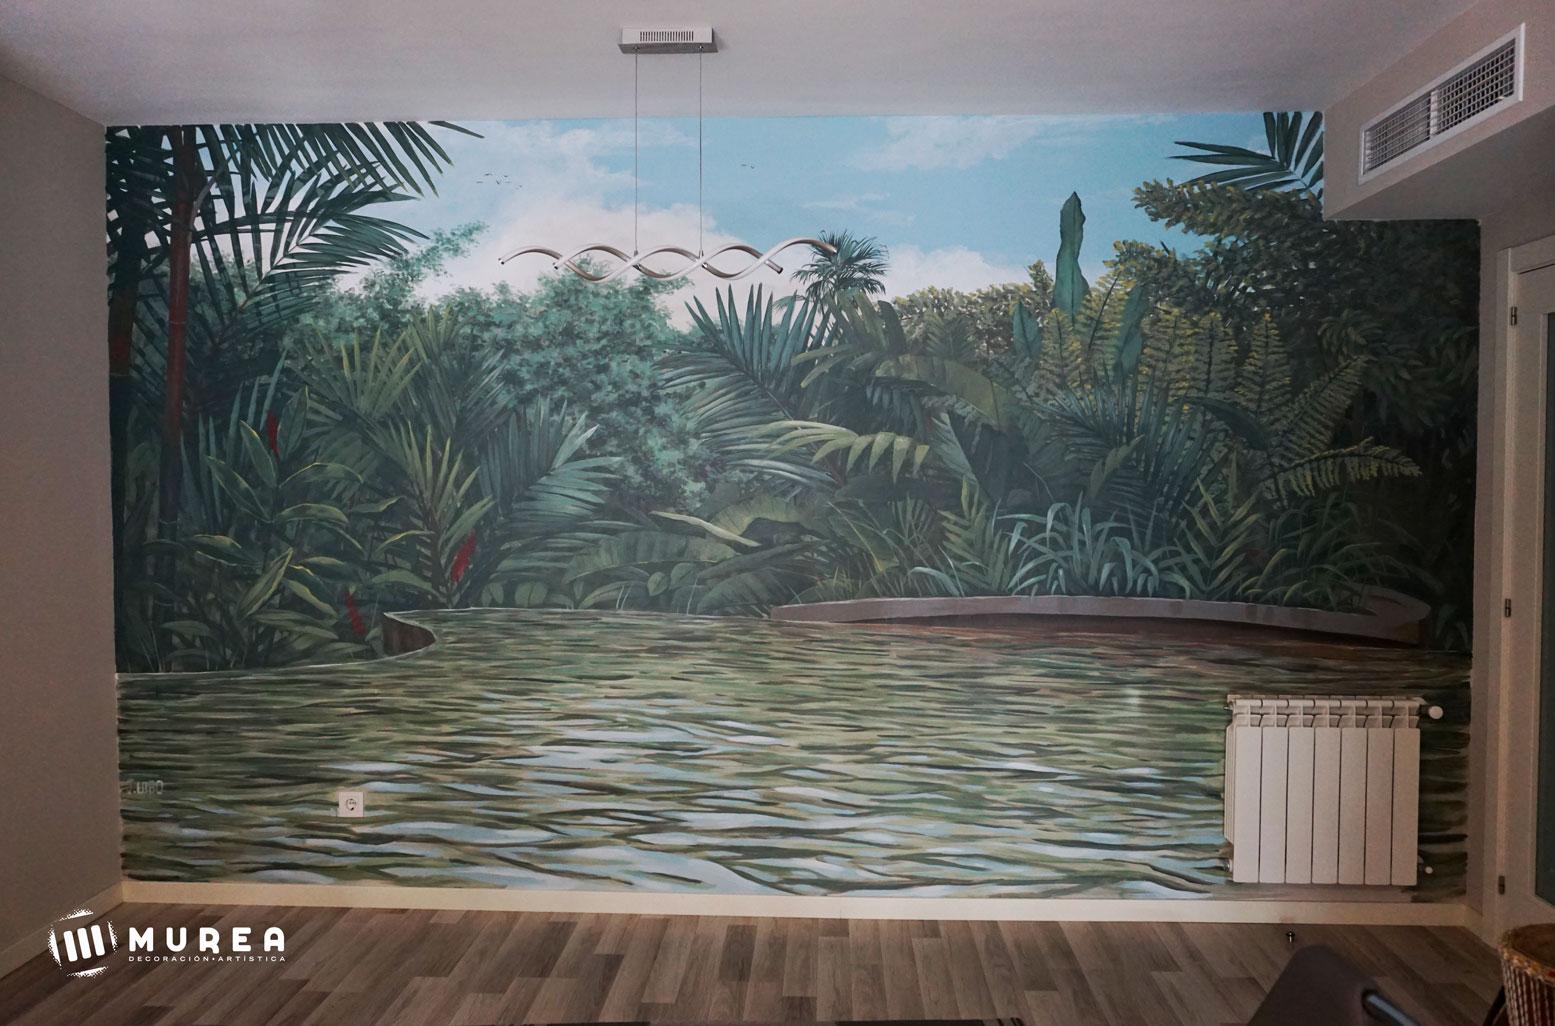 Mural para salón, basado en una imágen de Costa Rica. Madrid 2020.